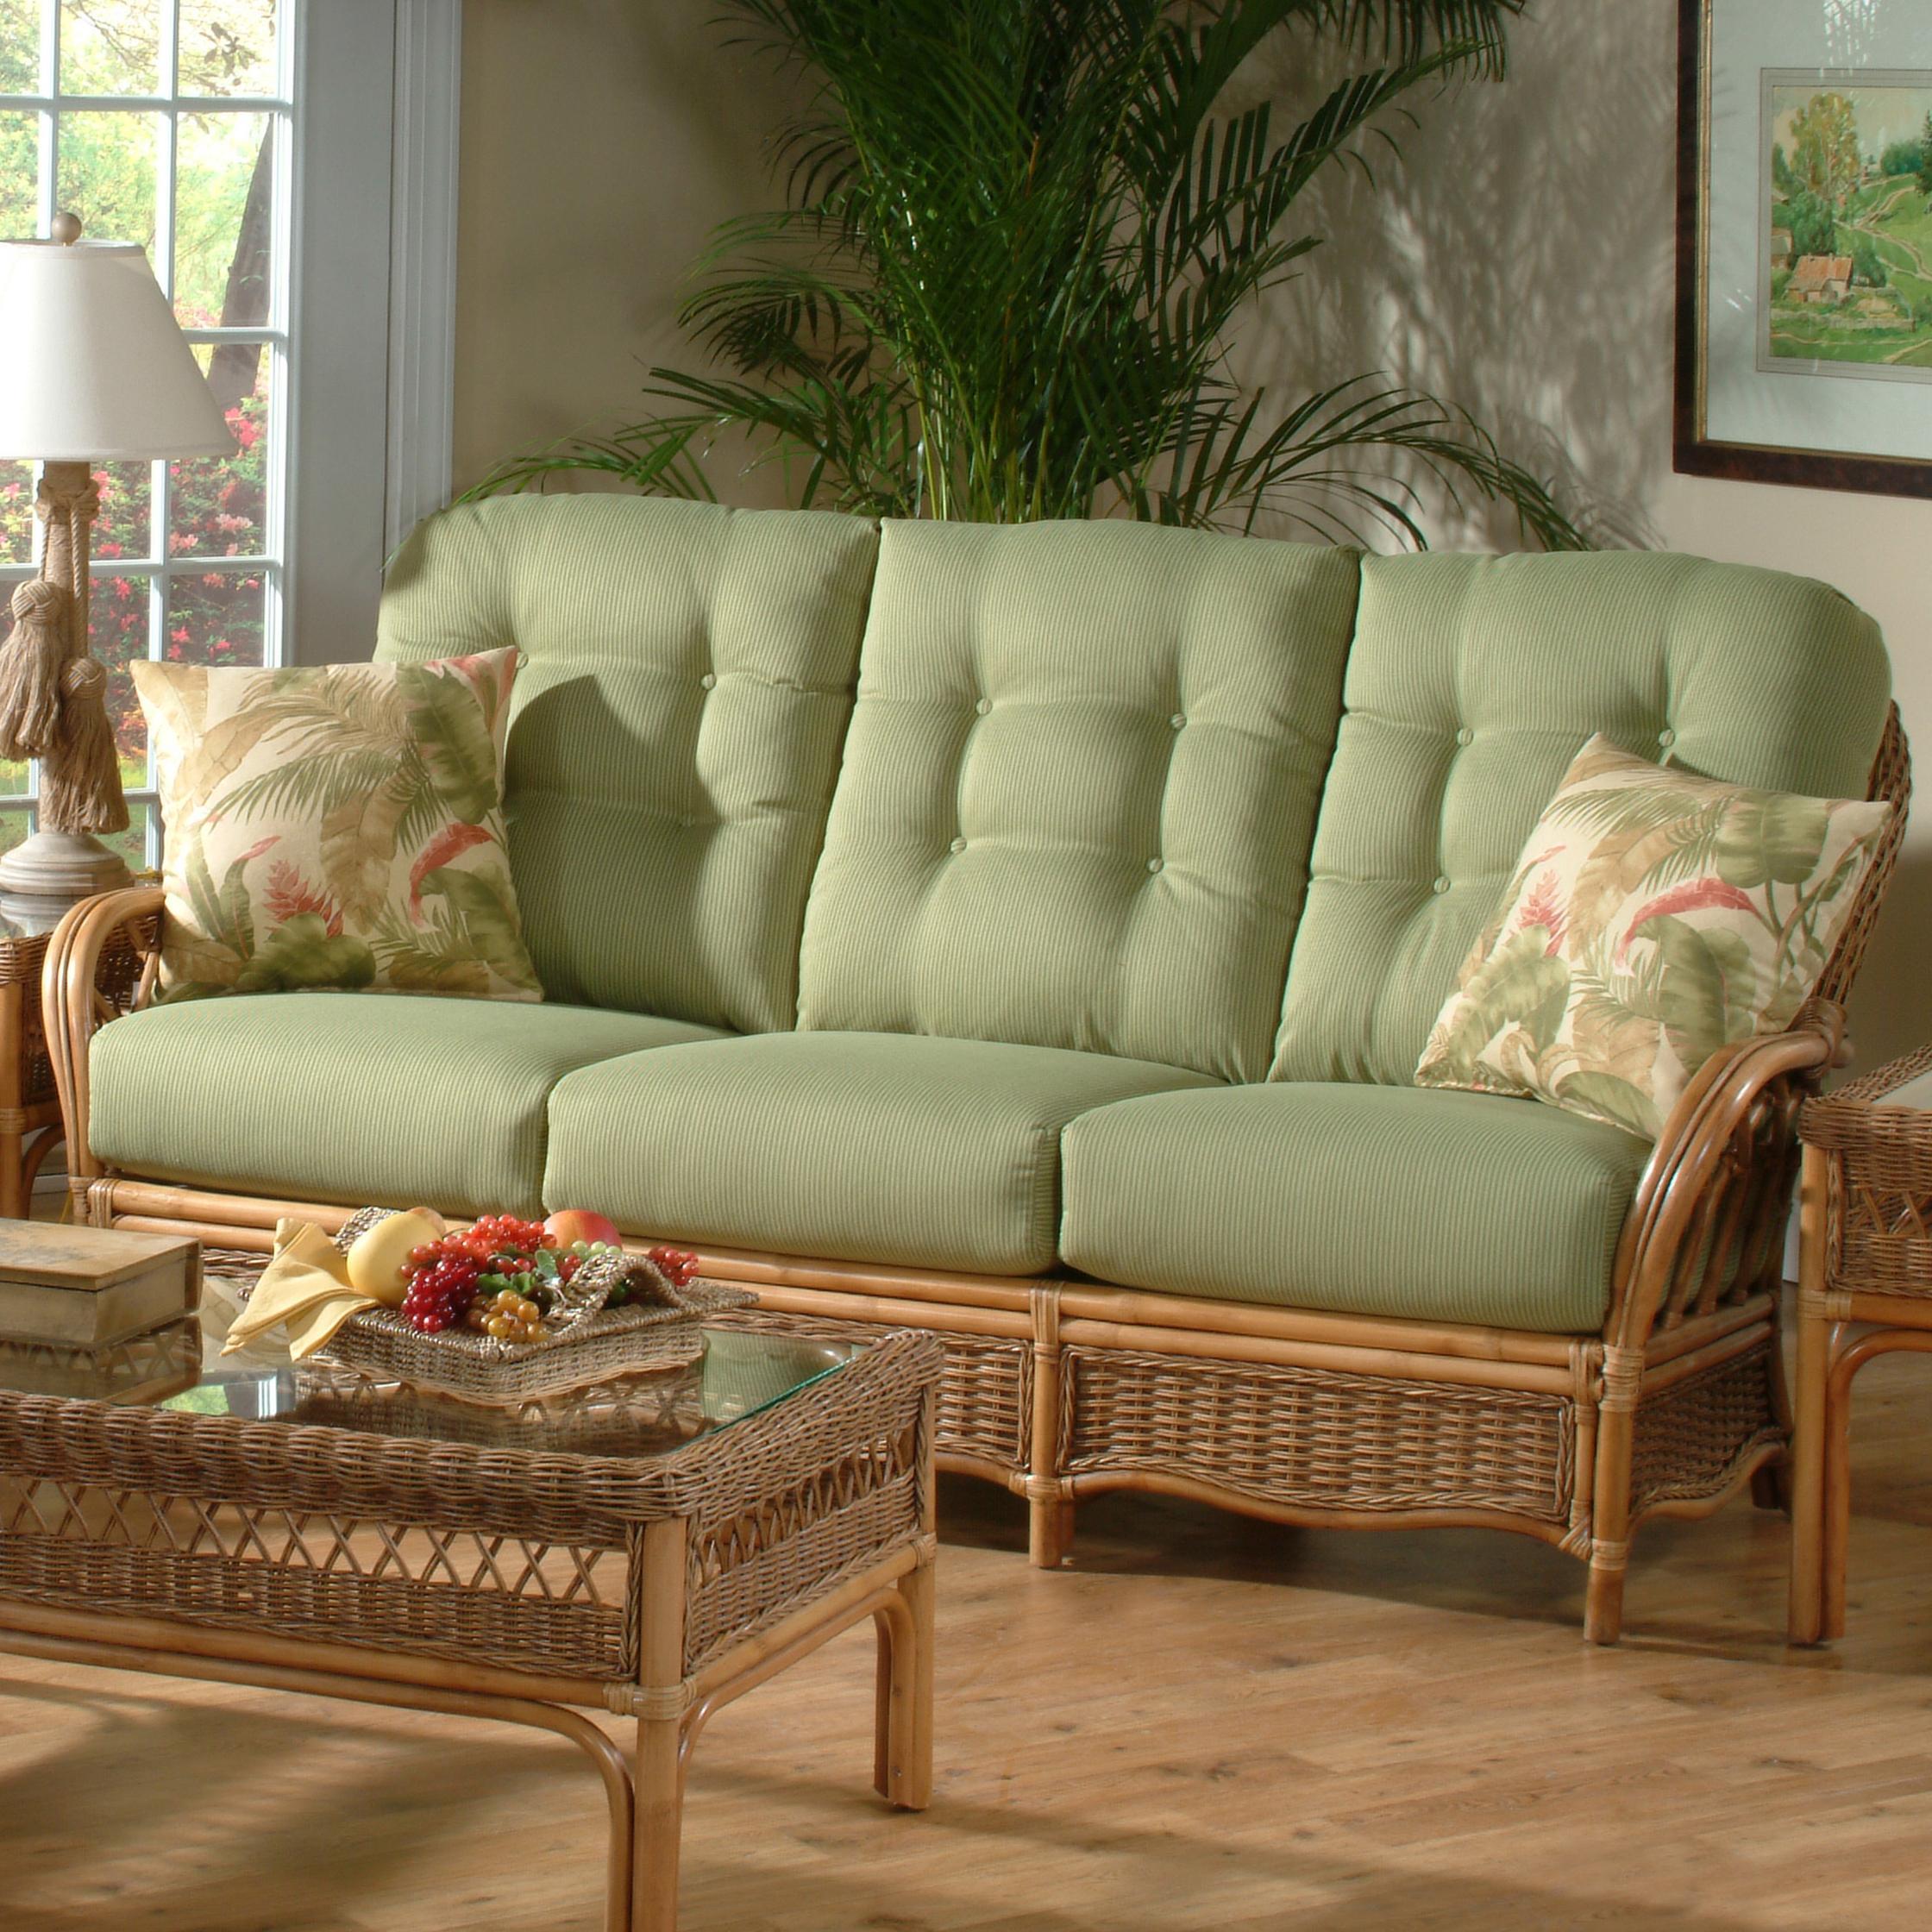 Beau Braxton Culler Everglade Tropical Rattan Sofa